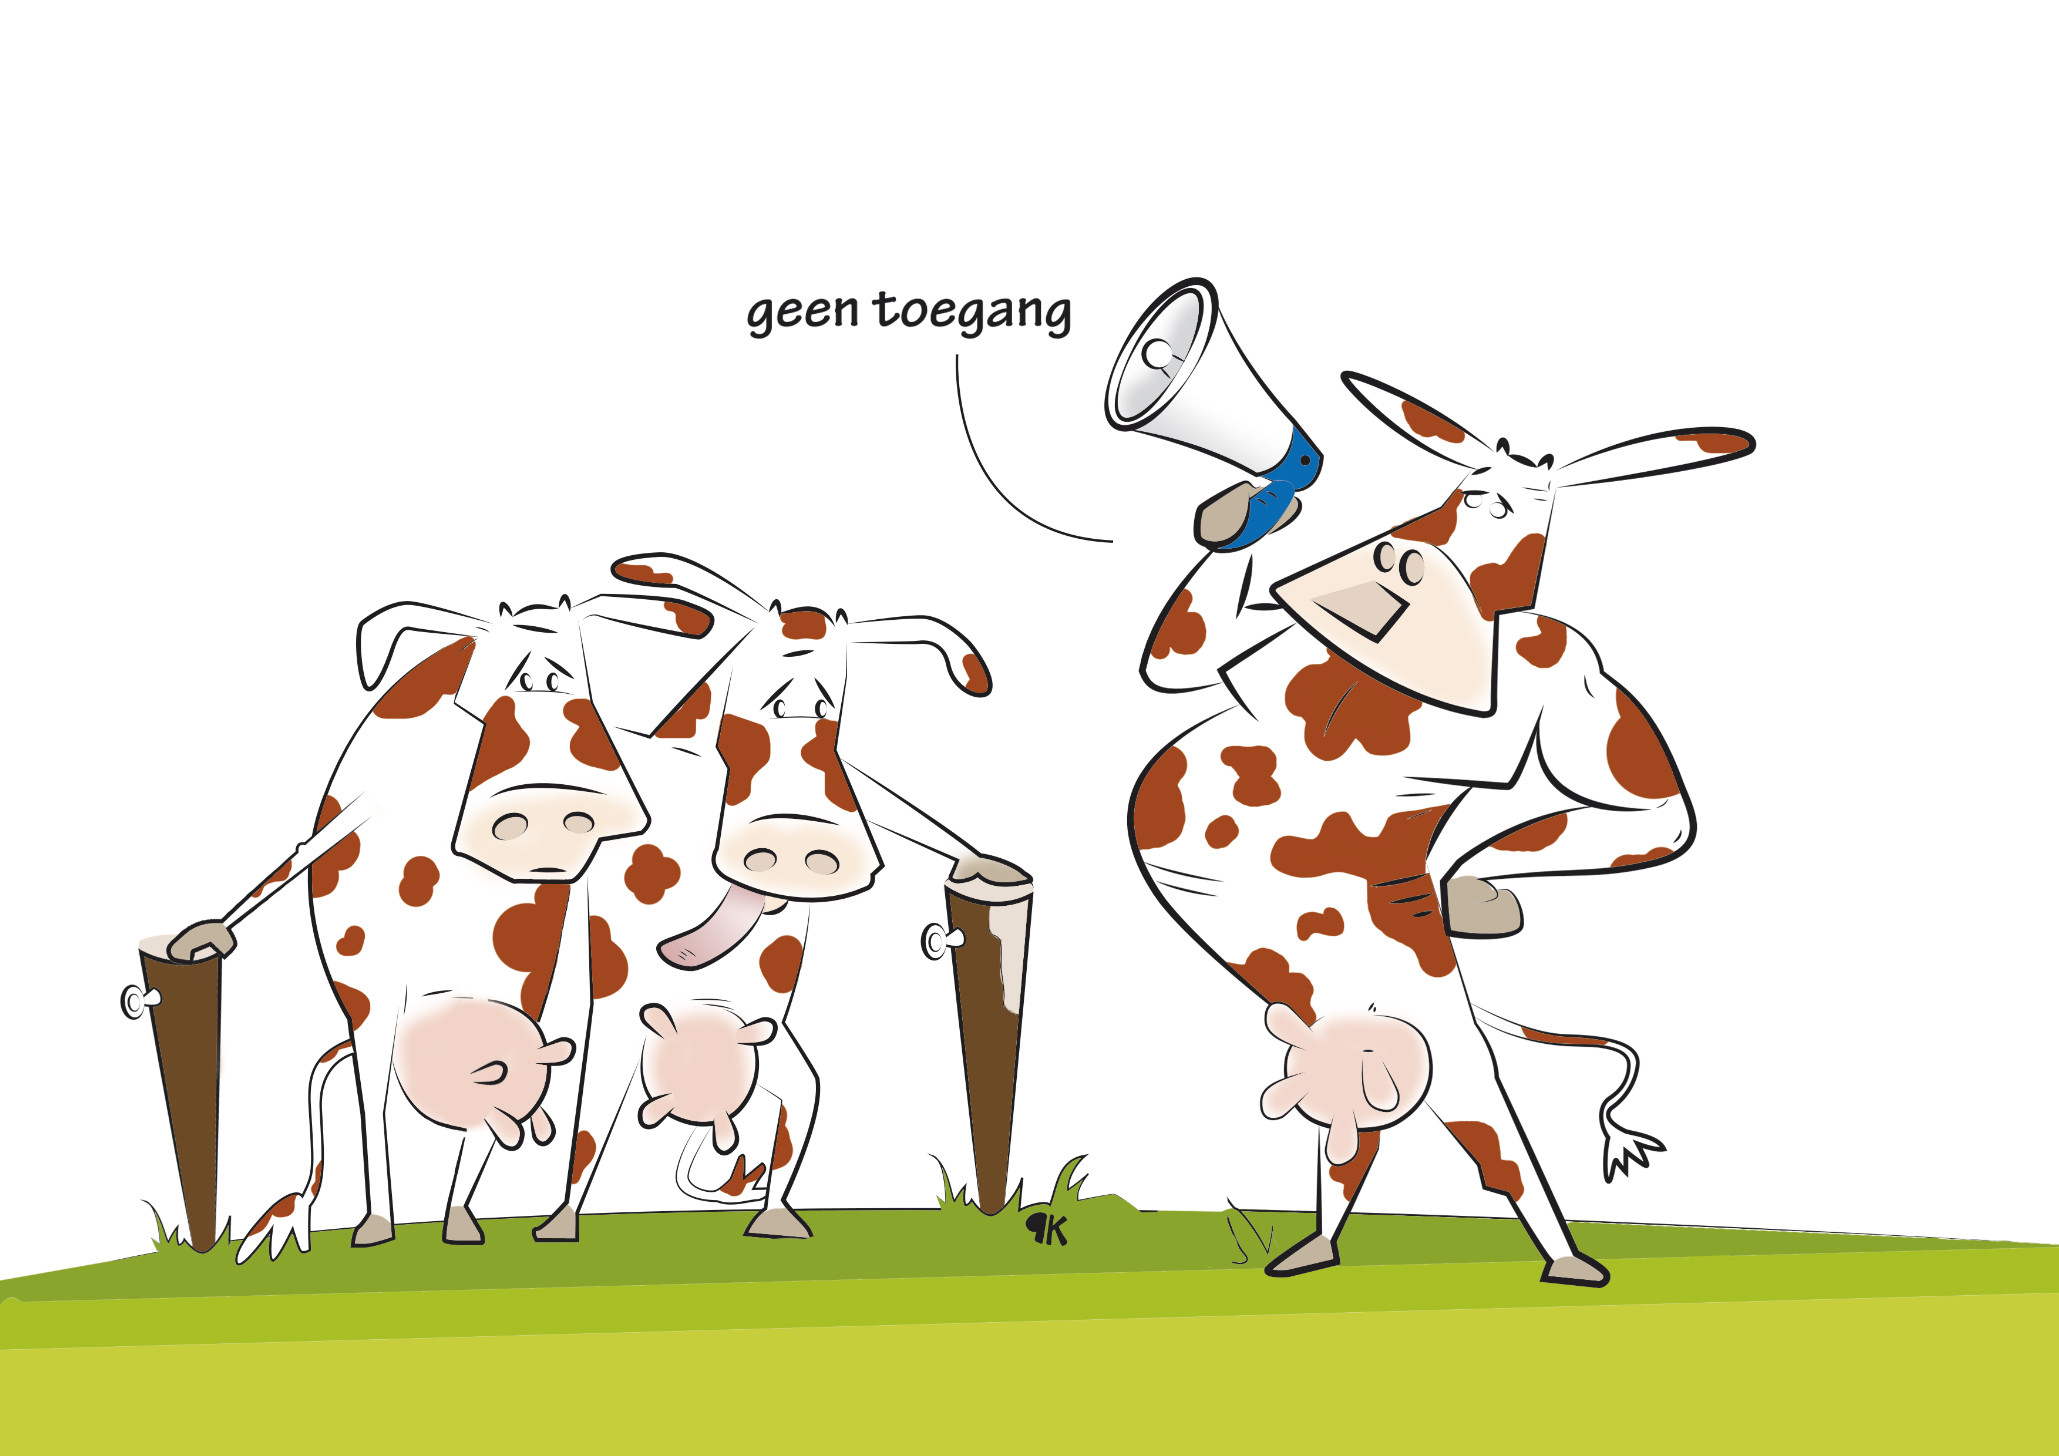 Interessante velddemo's groenbemesting